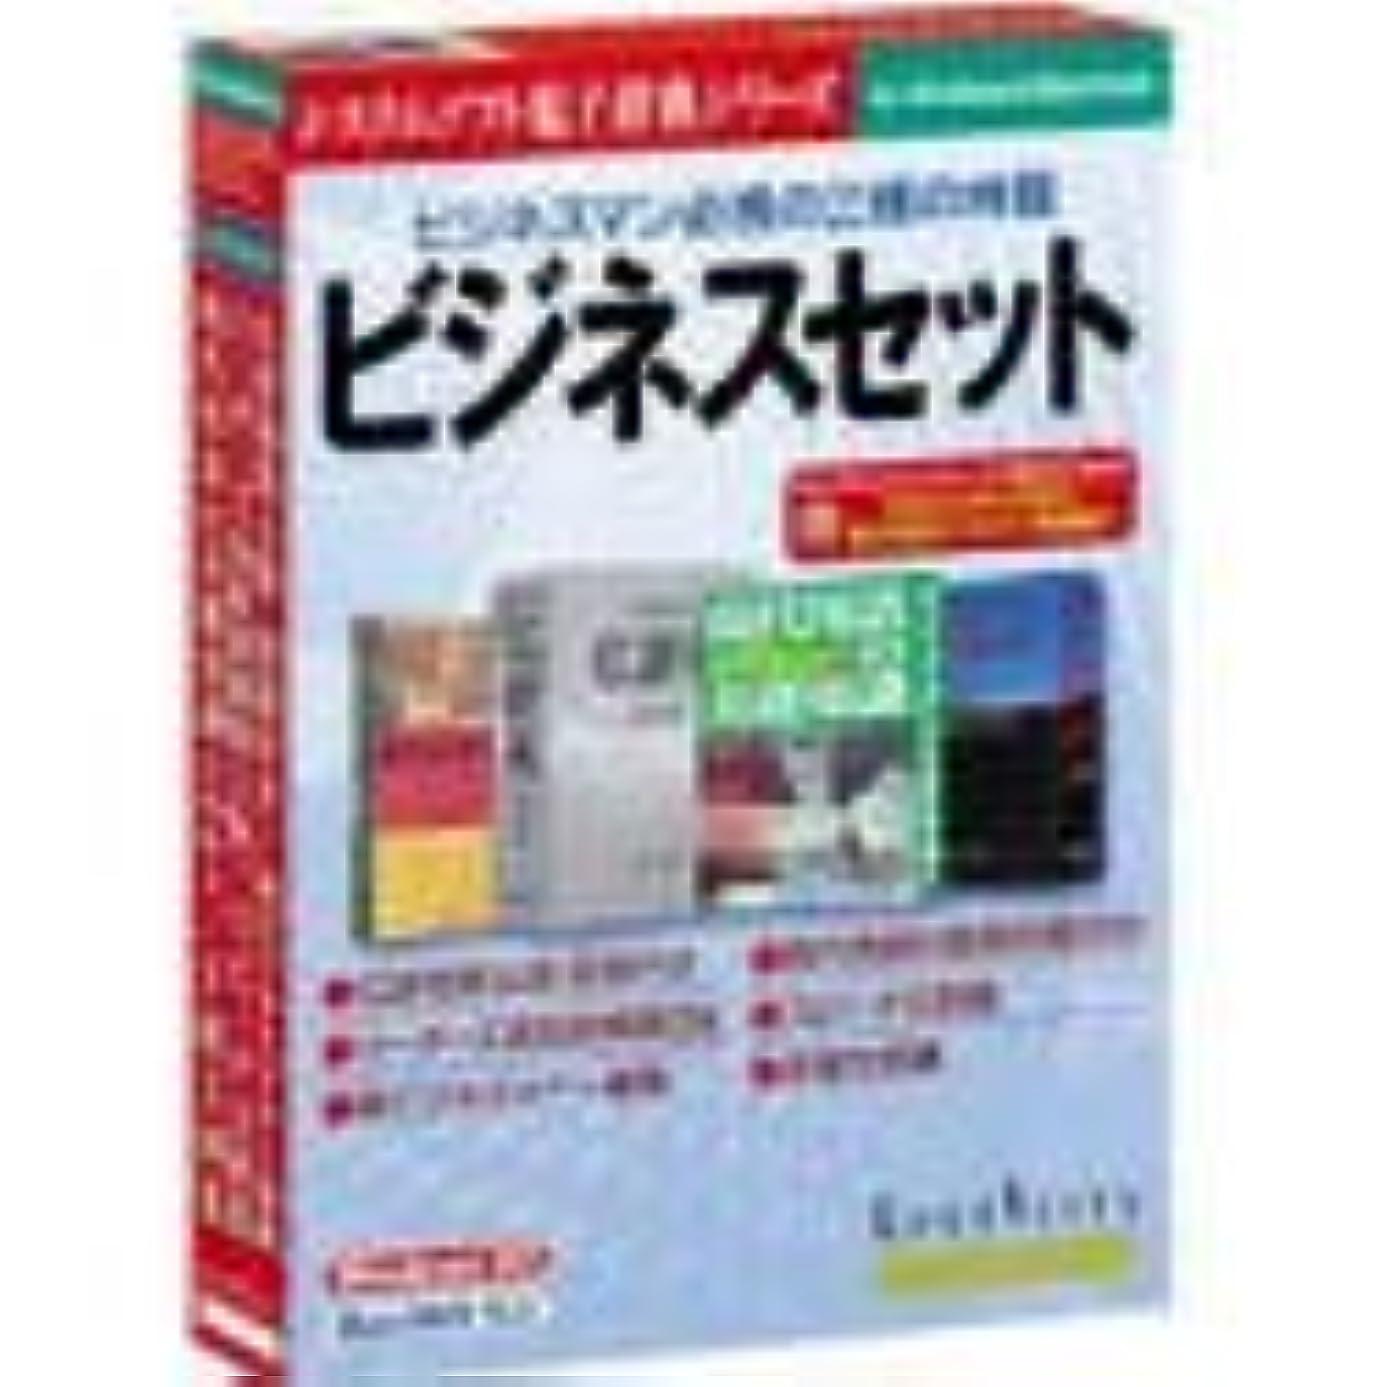 食べるネックレット内部システムソフト電子辞典シリーズ ビジネスセット